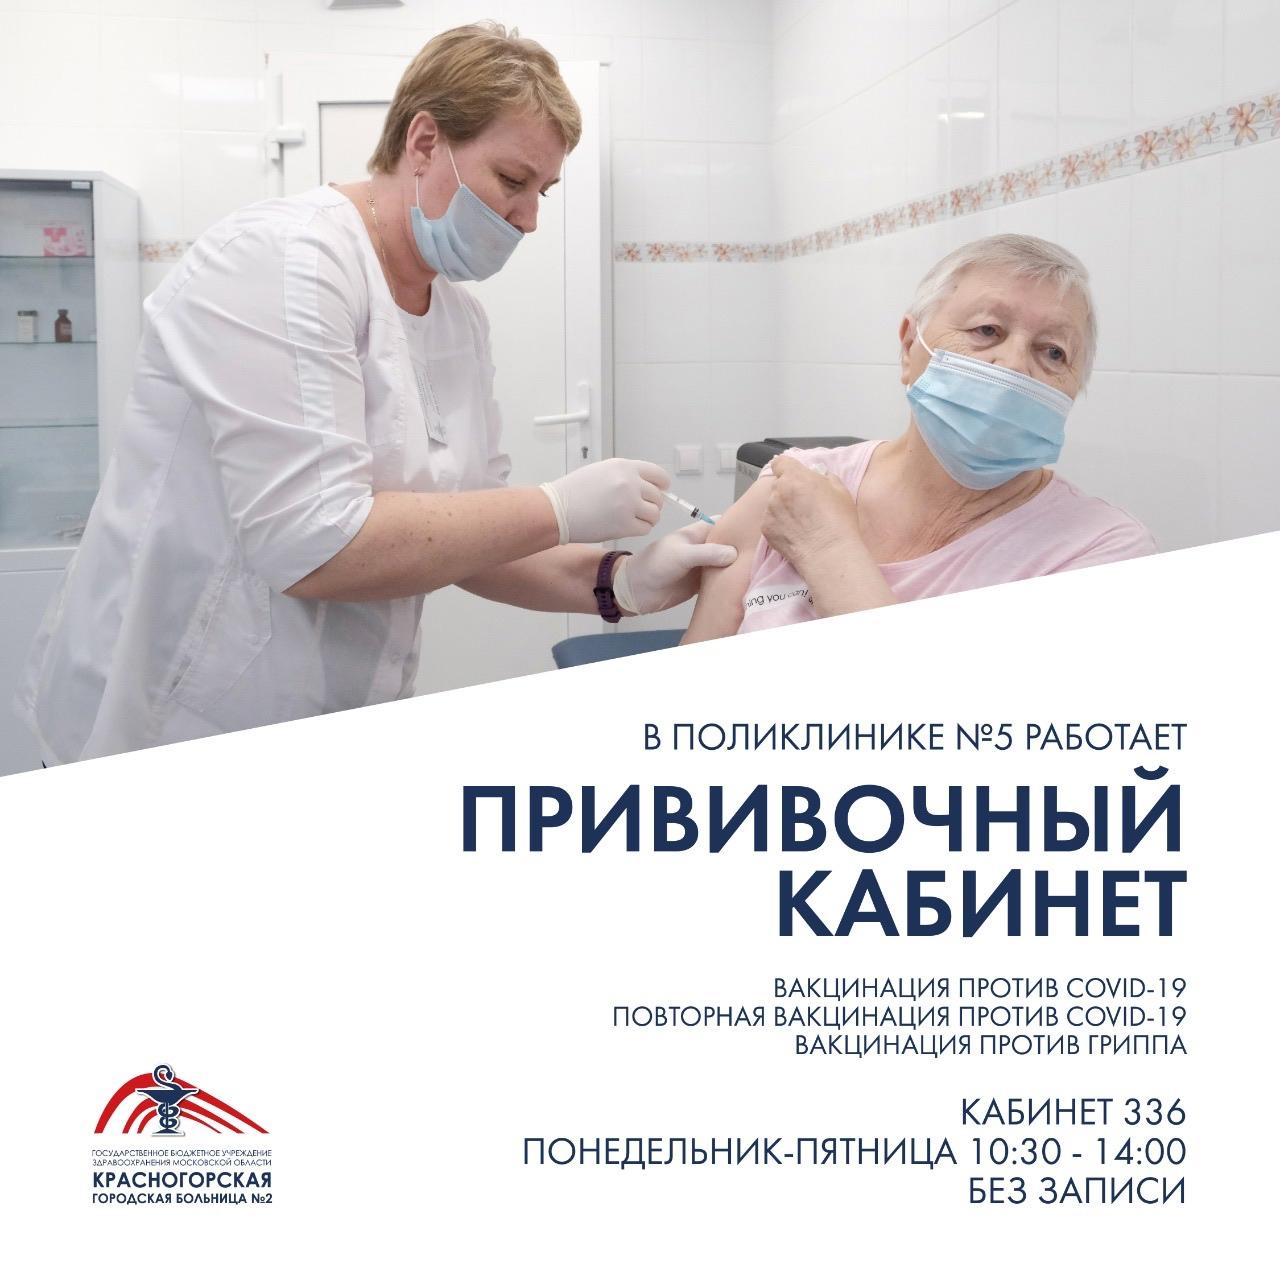 В поликлинике №5 работает прививочный кабинет